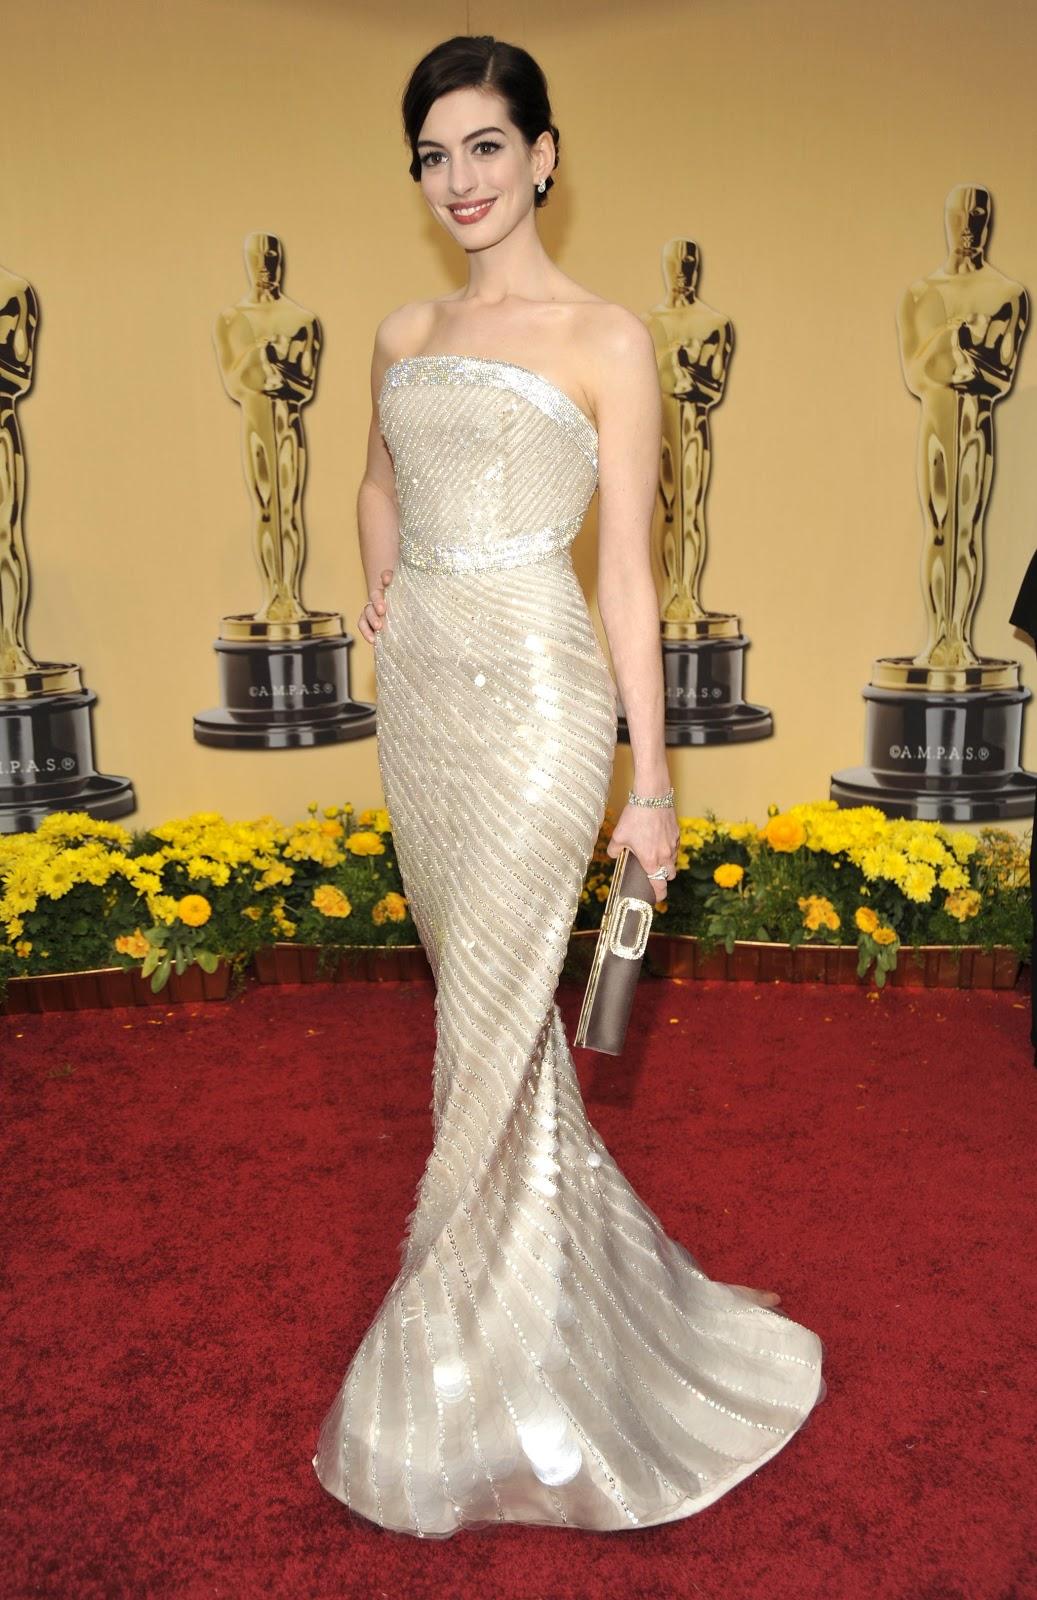 Hớp hồn trong bộ đầm quây hở vai màu bạc của Armani Prive với họa tiết kim cương lấp lánh làm từ pha lê Swarovski, Anne thực sự trở tâm điểm ánh nhìn trên thảm đỏ Oscar 2009. Đặc biệt, đây còn là năm nữ diễn viên nhận được đề cử Oscar đầu tiên trong sự nghiệp. Ảnh: Kevin Mazur